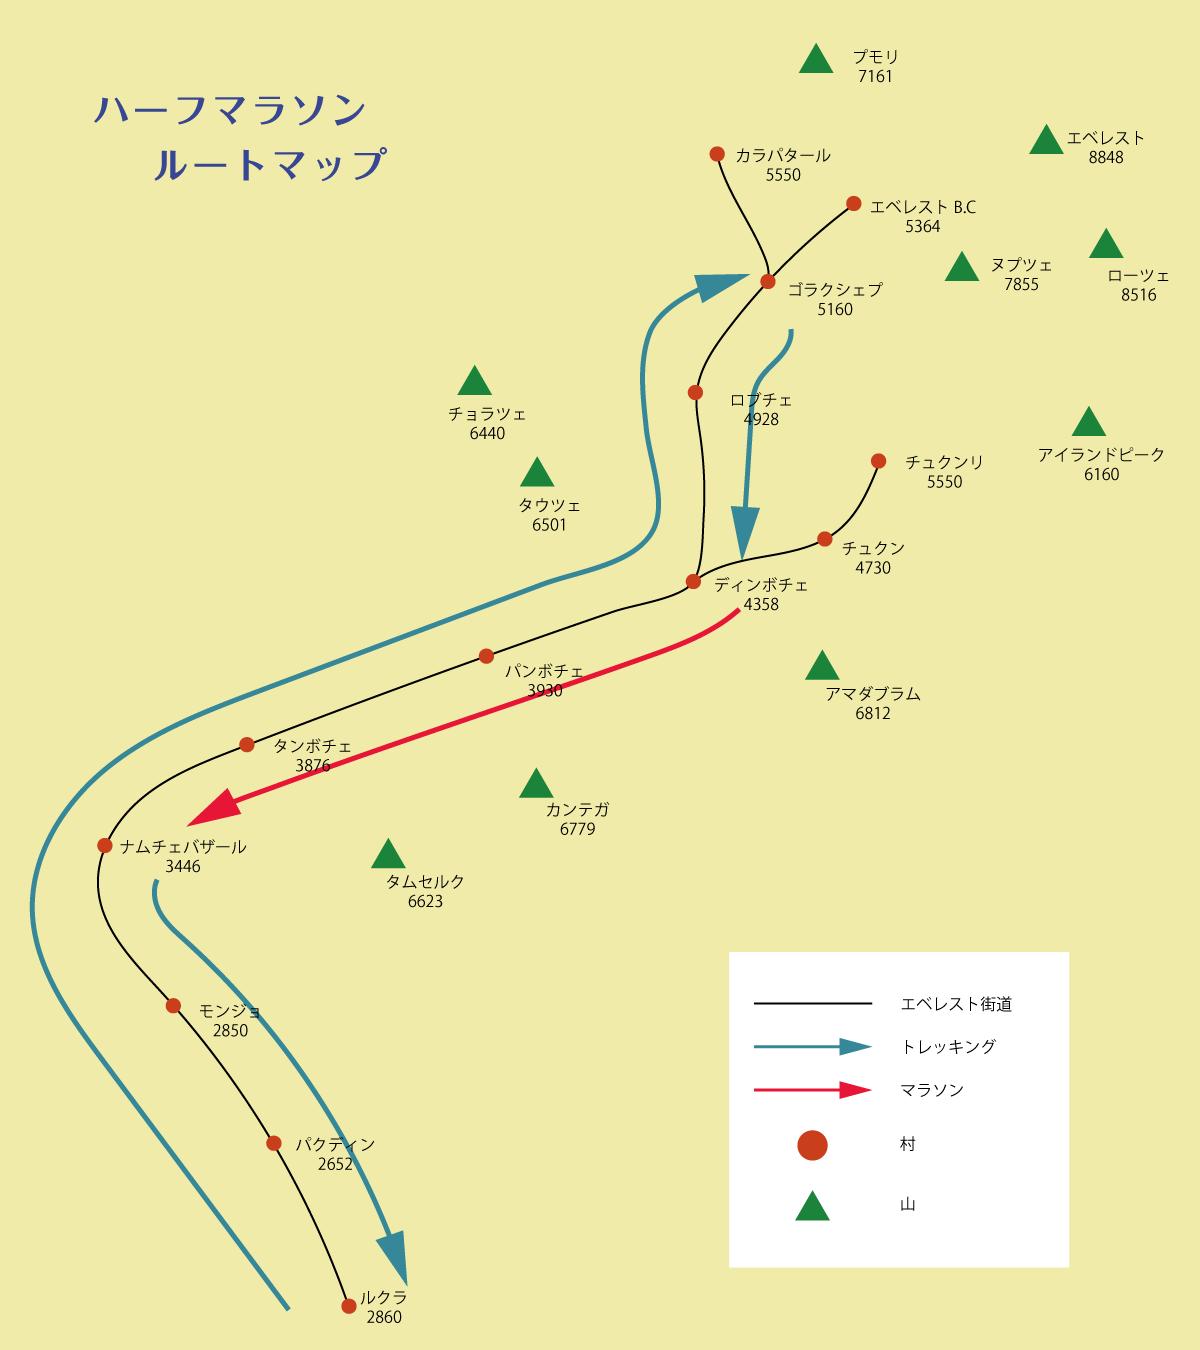 ハーフマラソンルートマップ